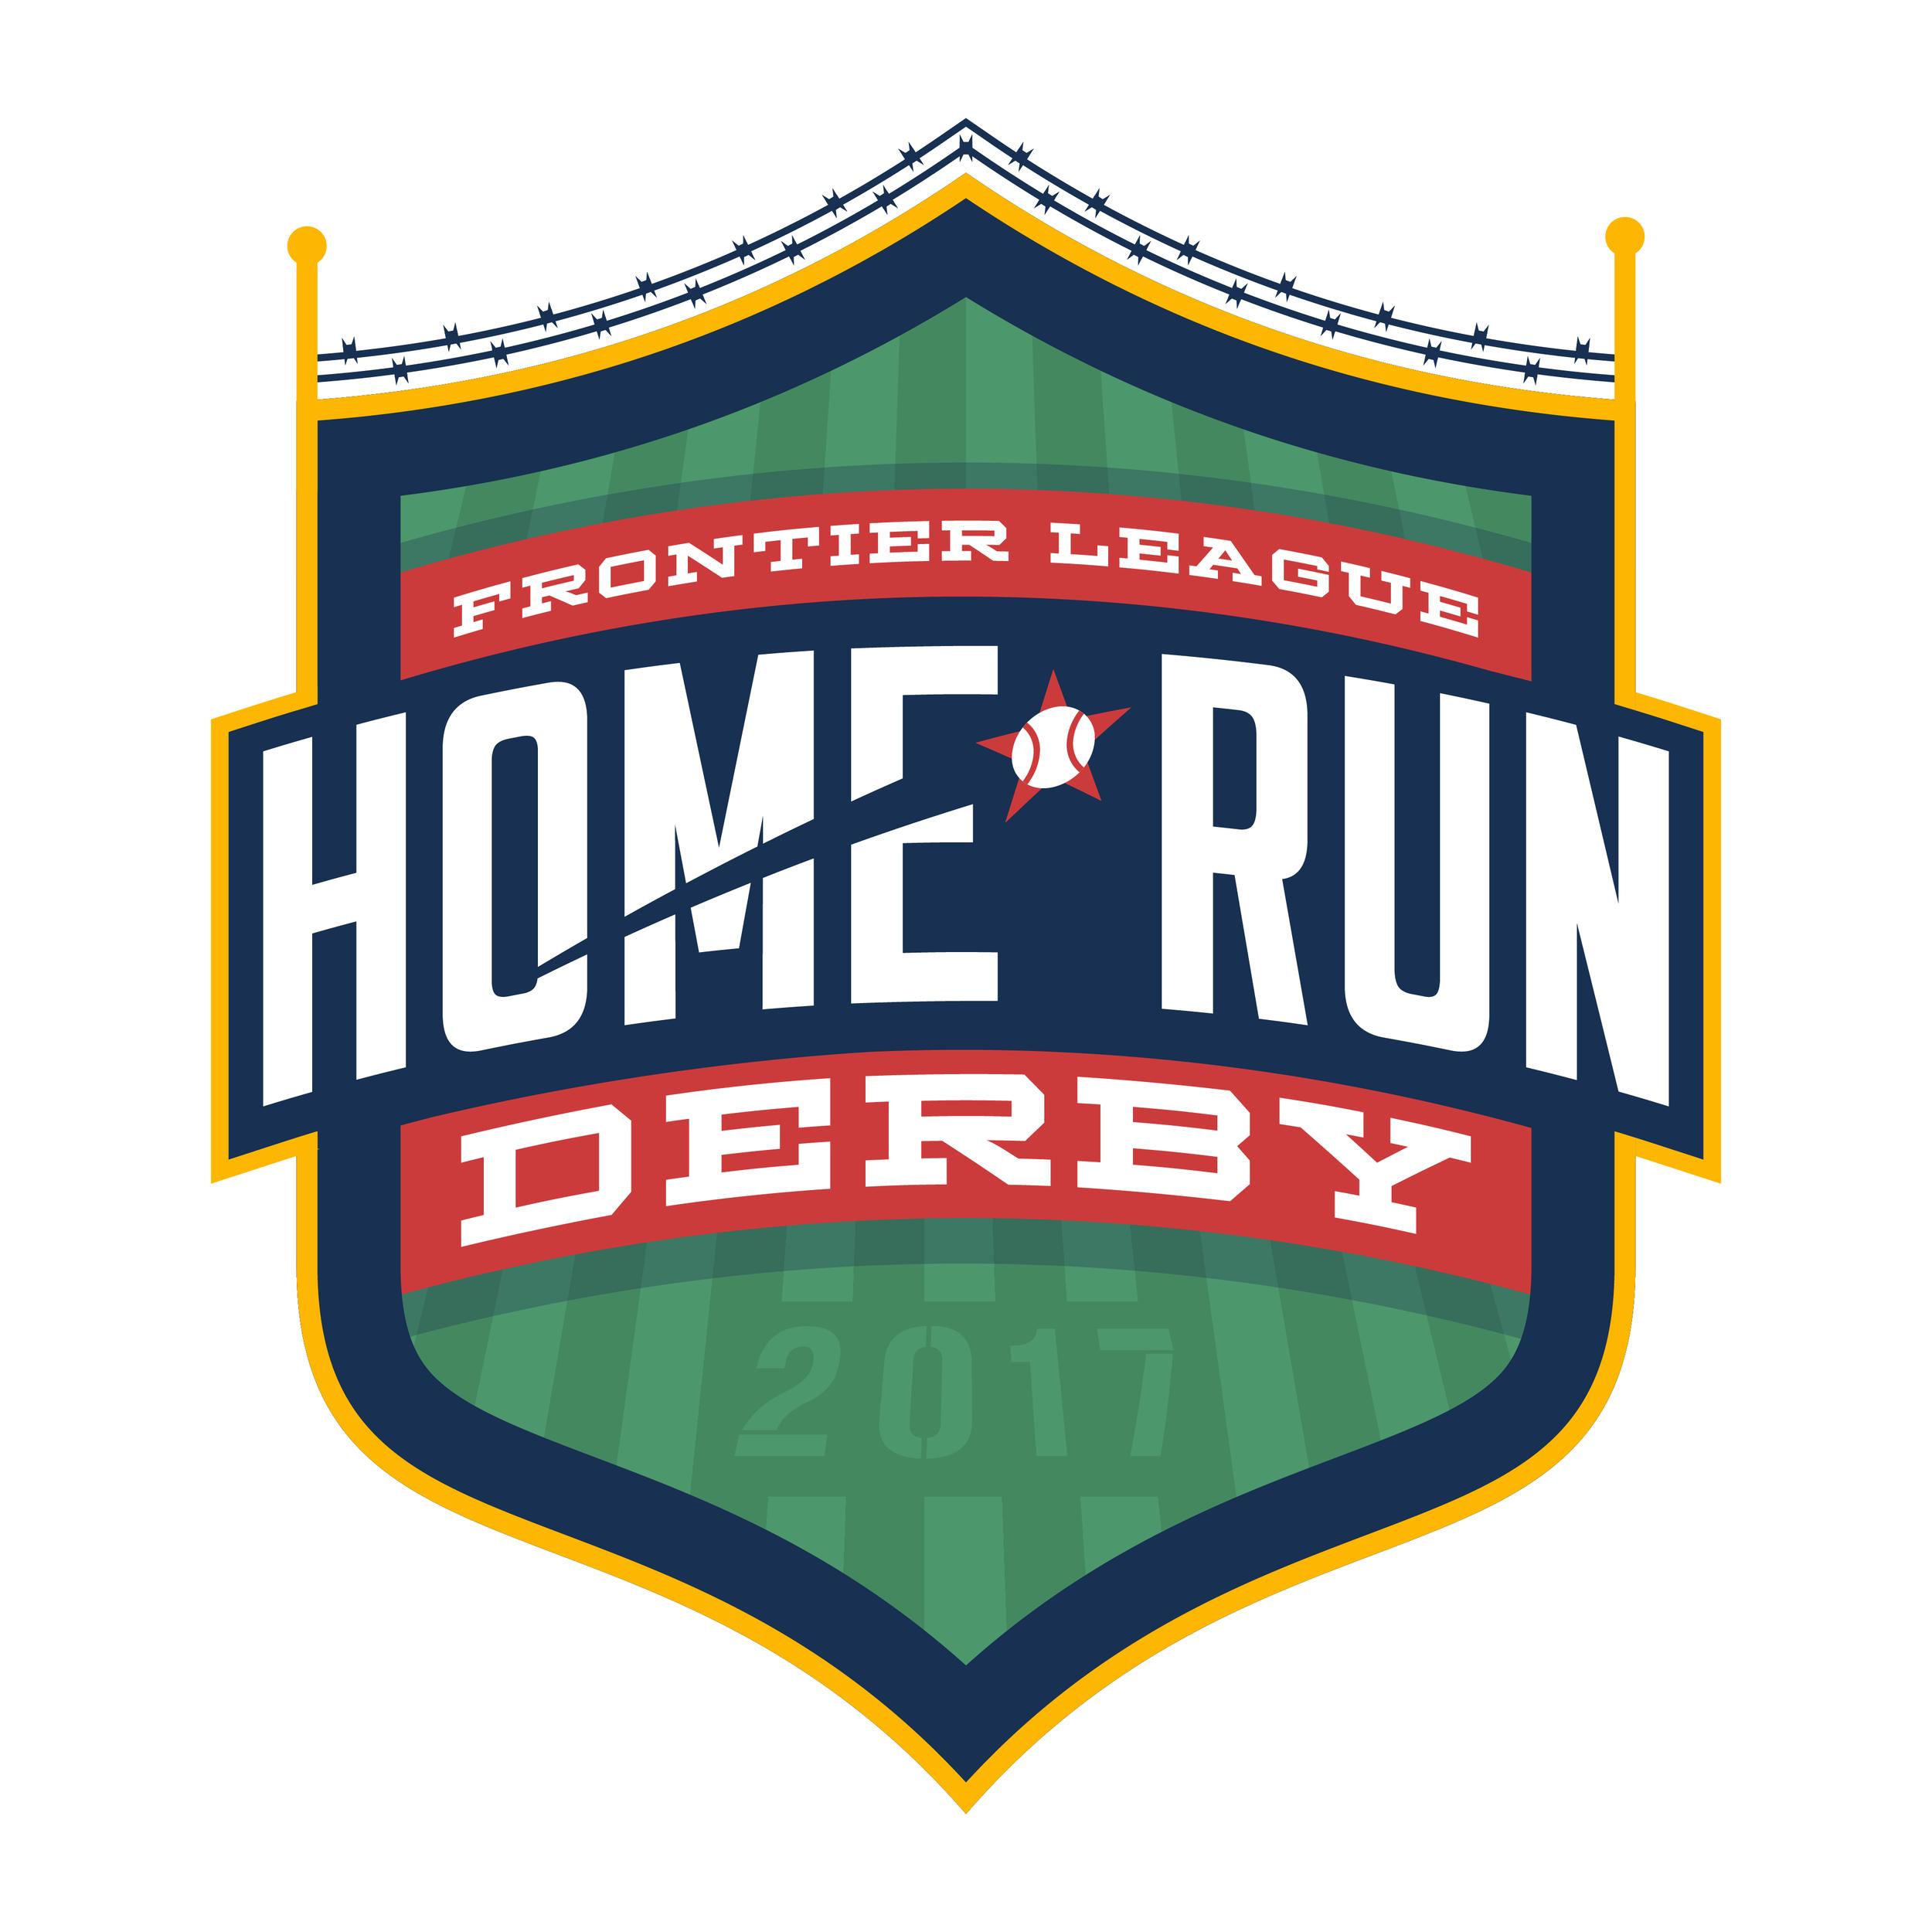 2017 Home Run Derby Logo hosted in Joliet on July 11, 2017.